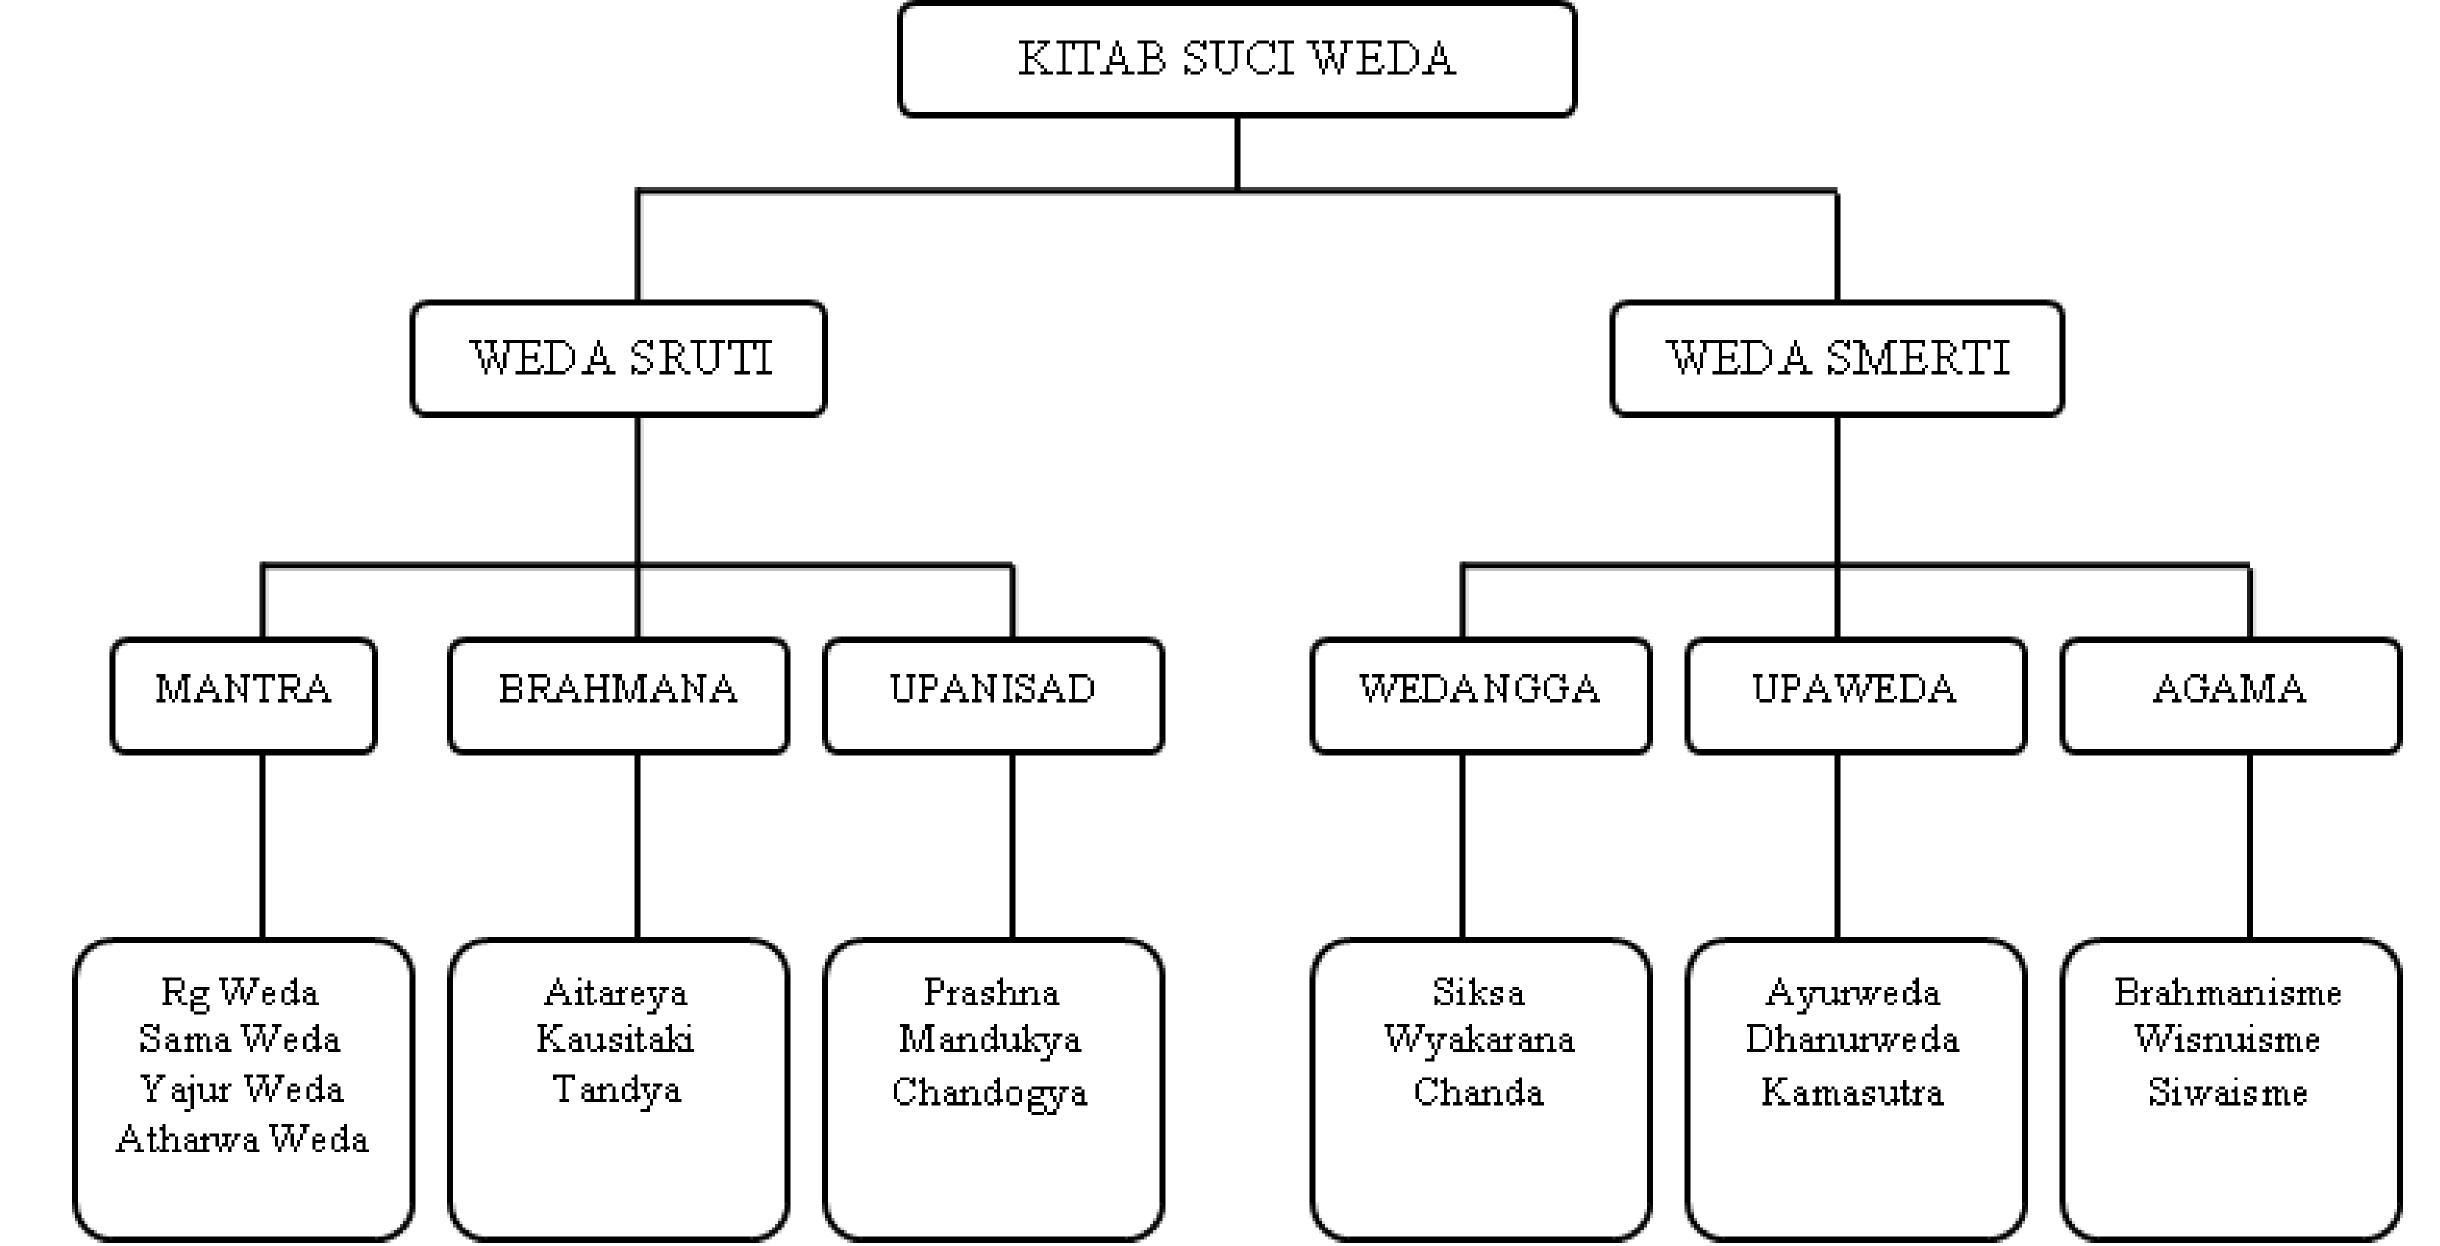 Antara Hindu dan Islam. | Randaka's Blog